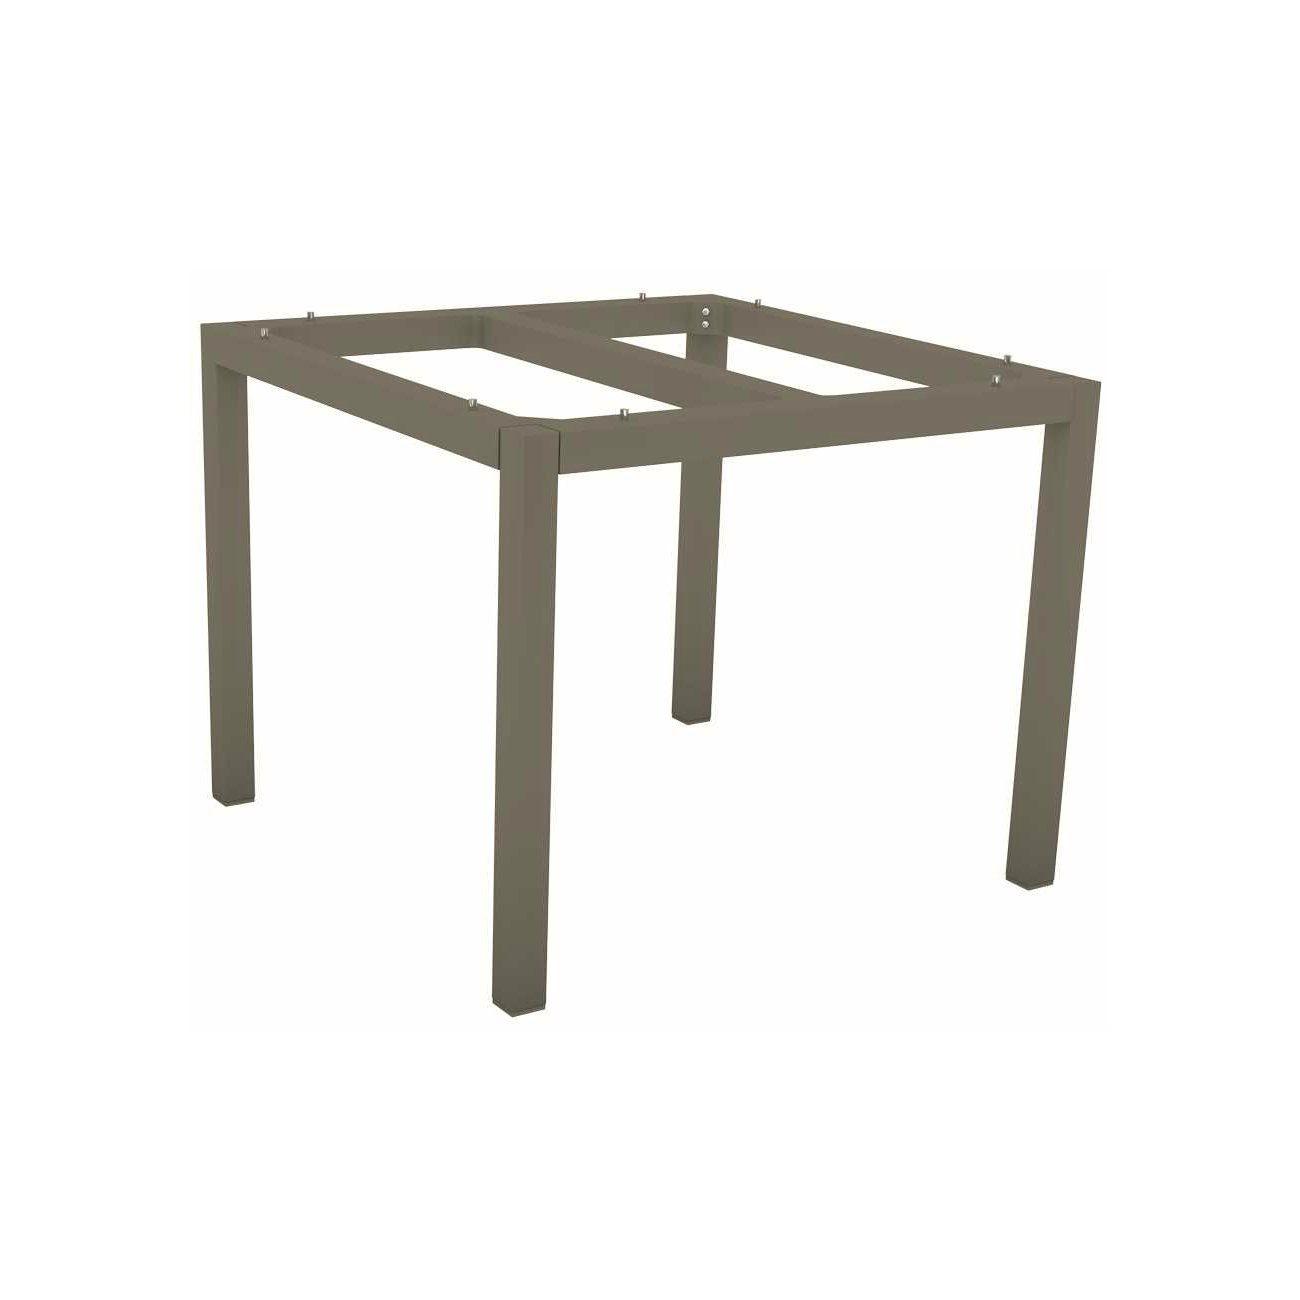 Stern Tischsystem Gartentisch Aluminium Teak